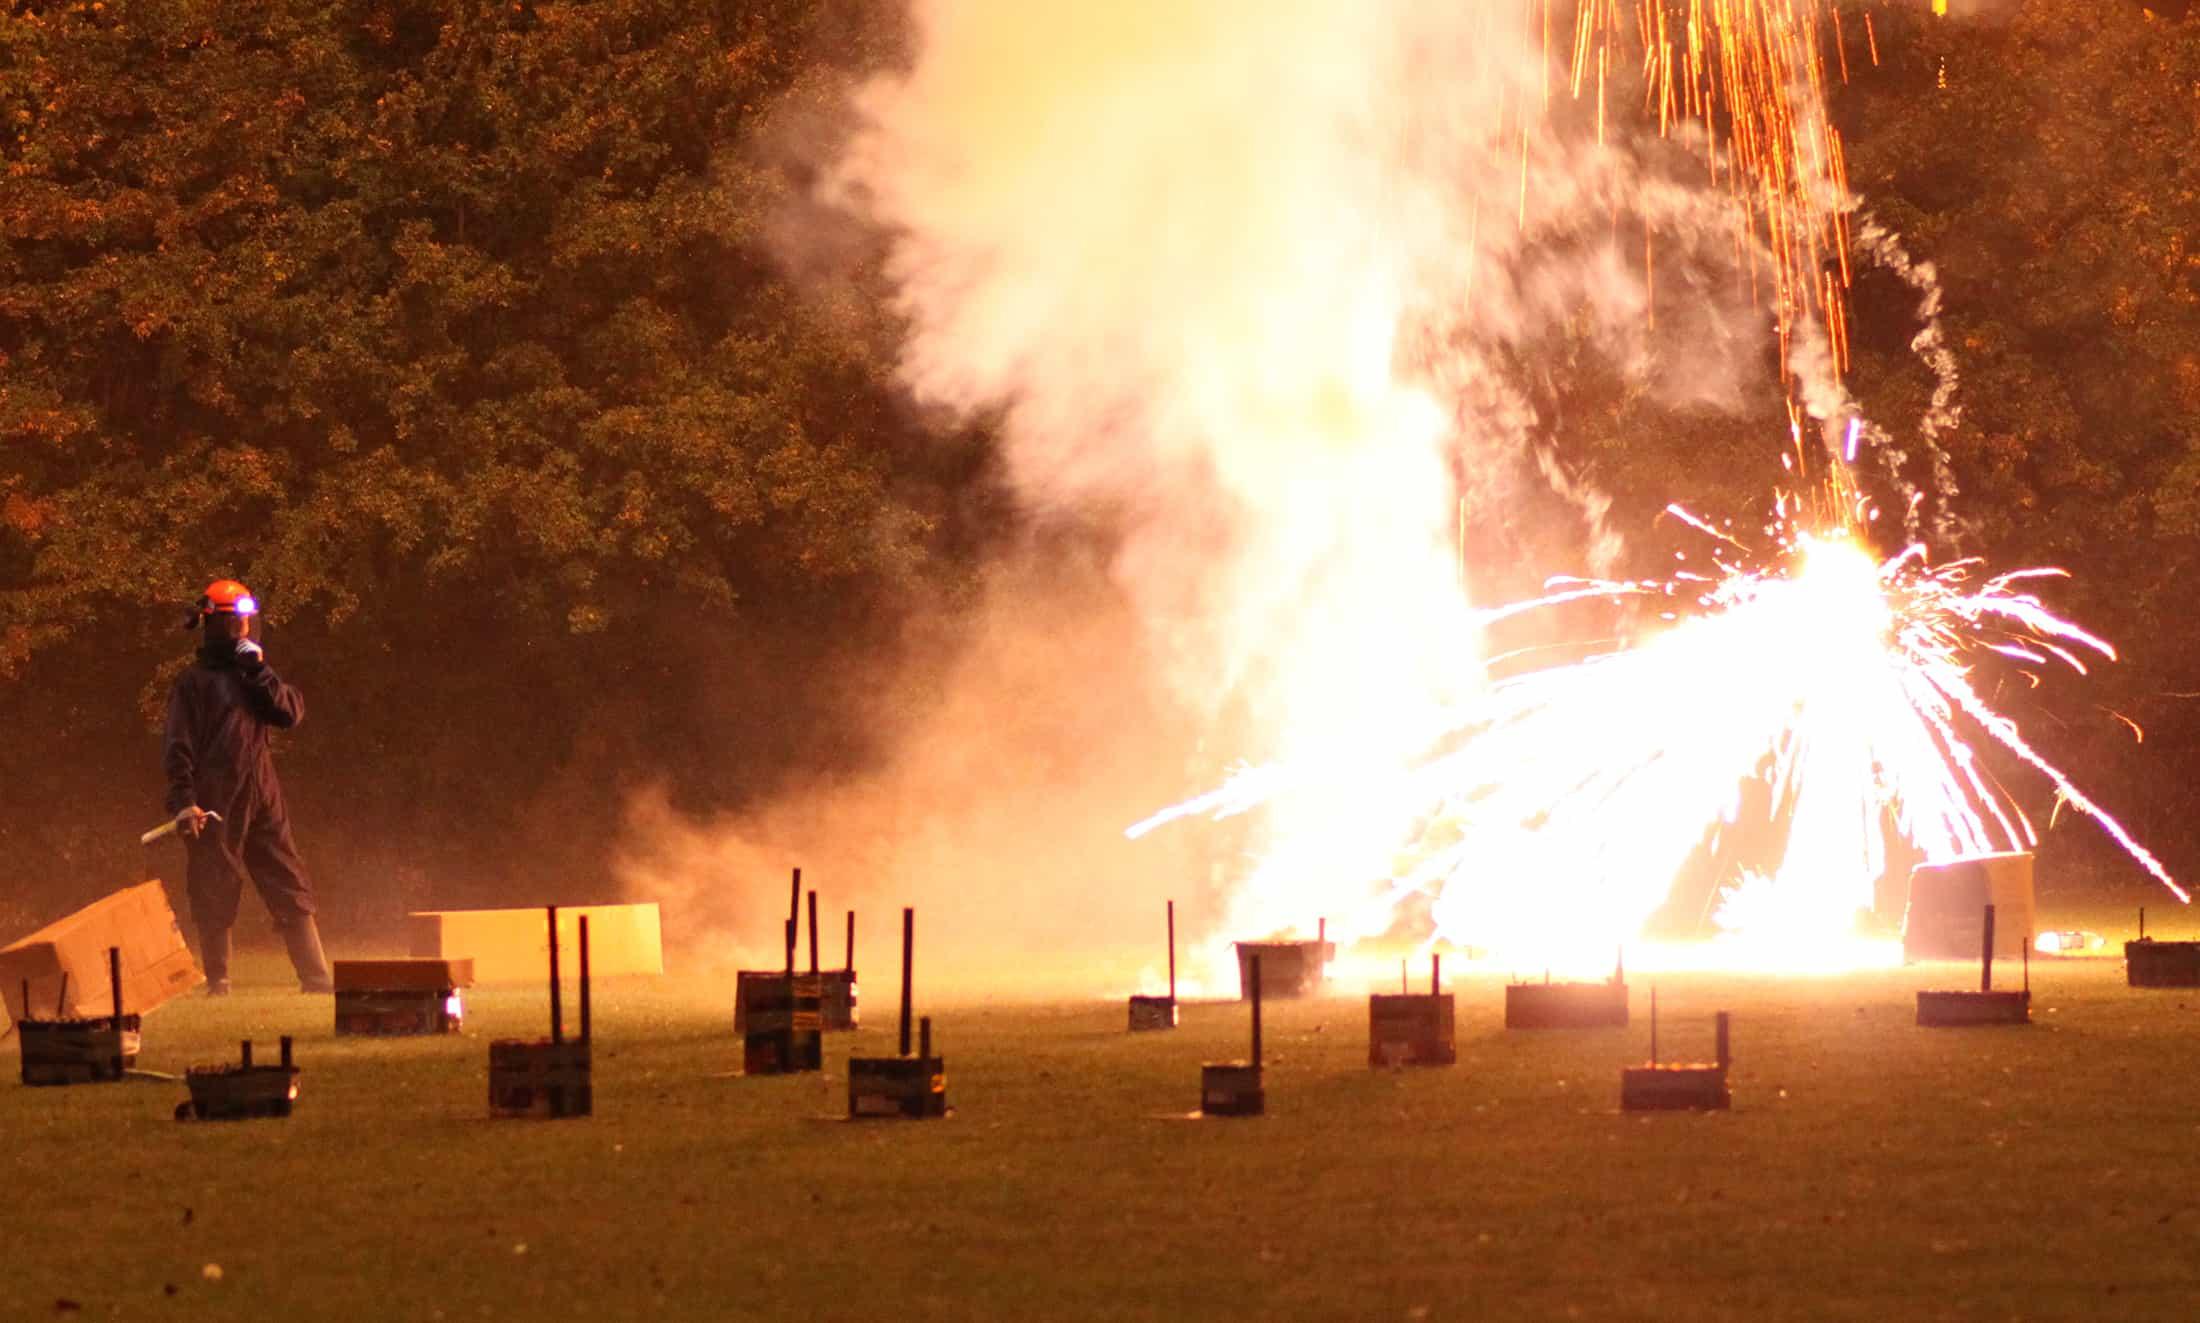 Low breaking firework